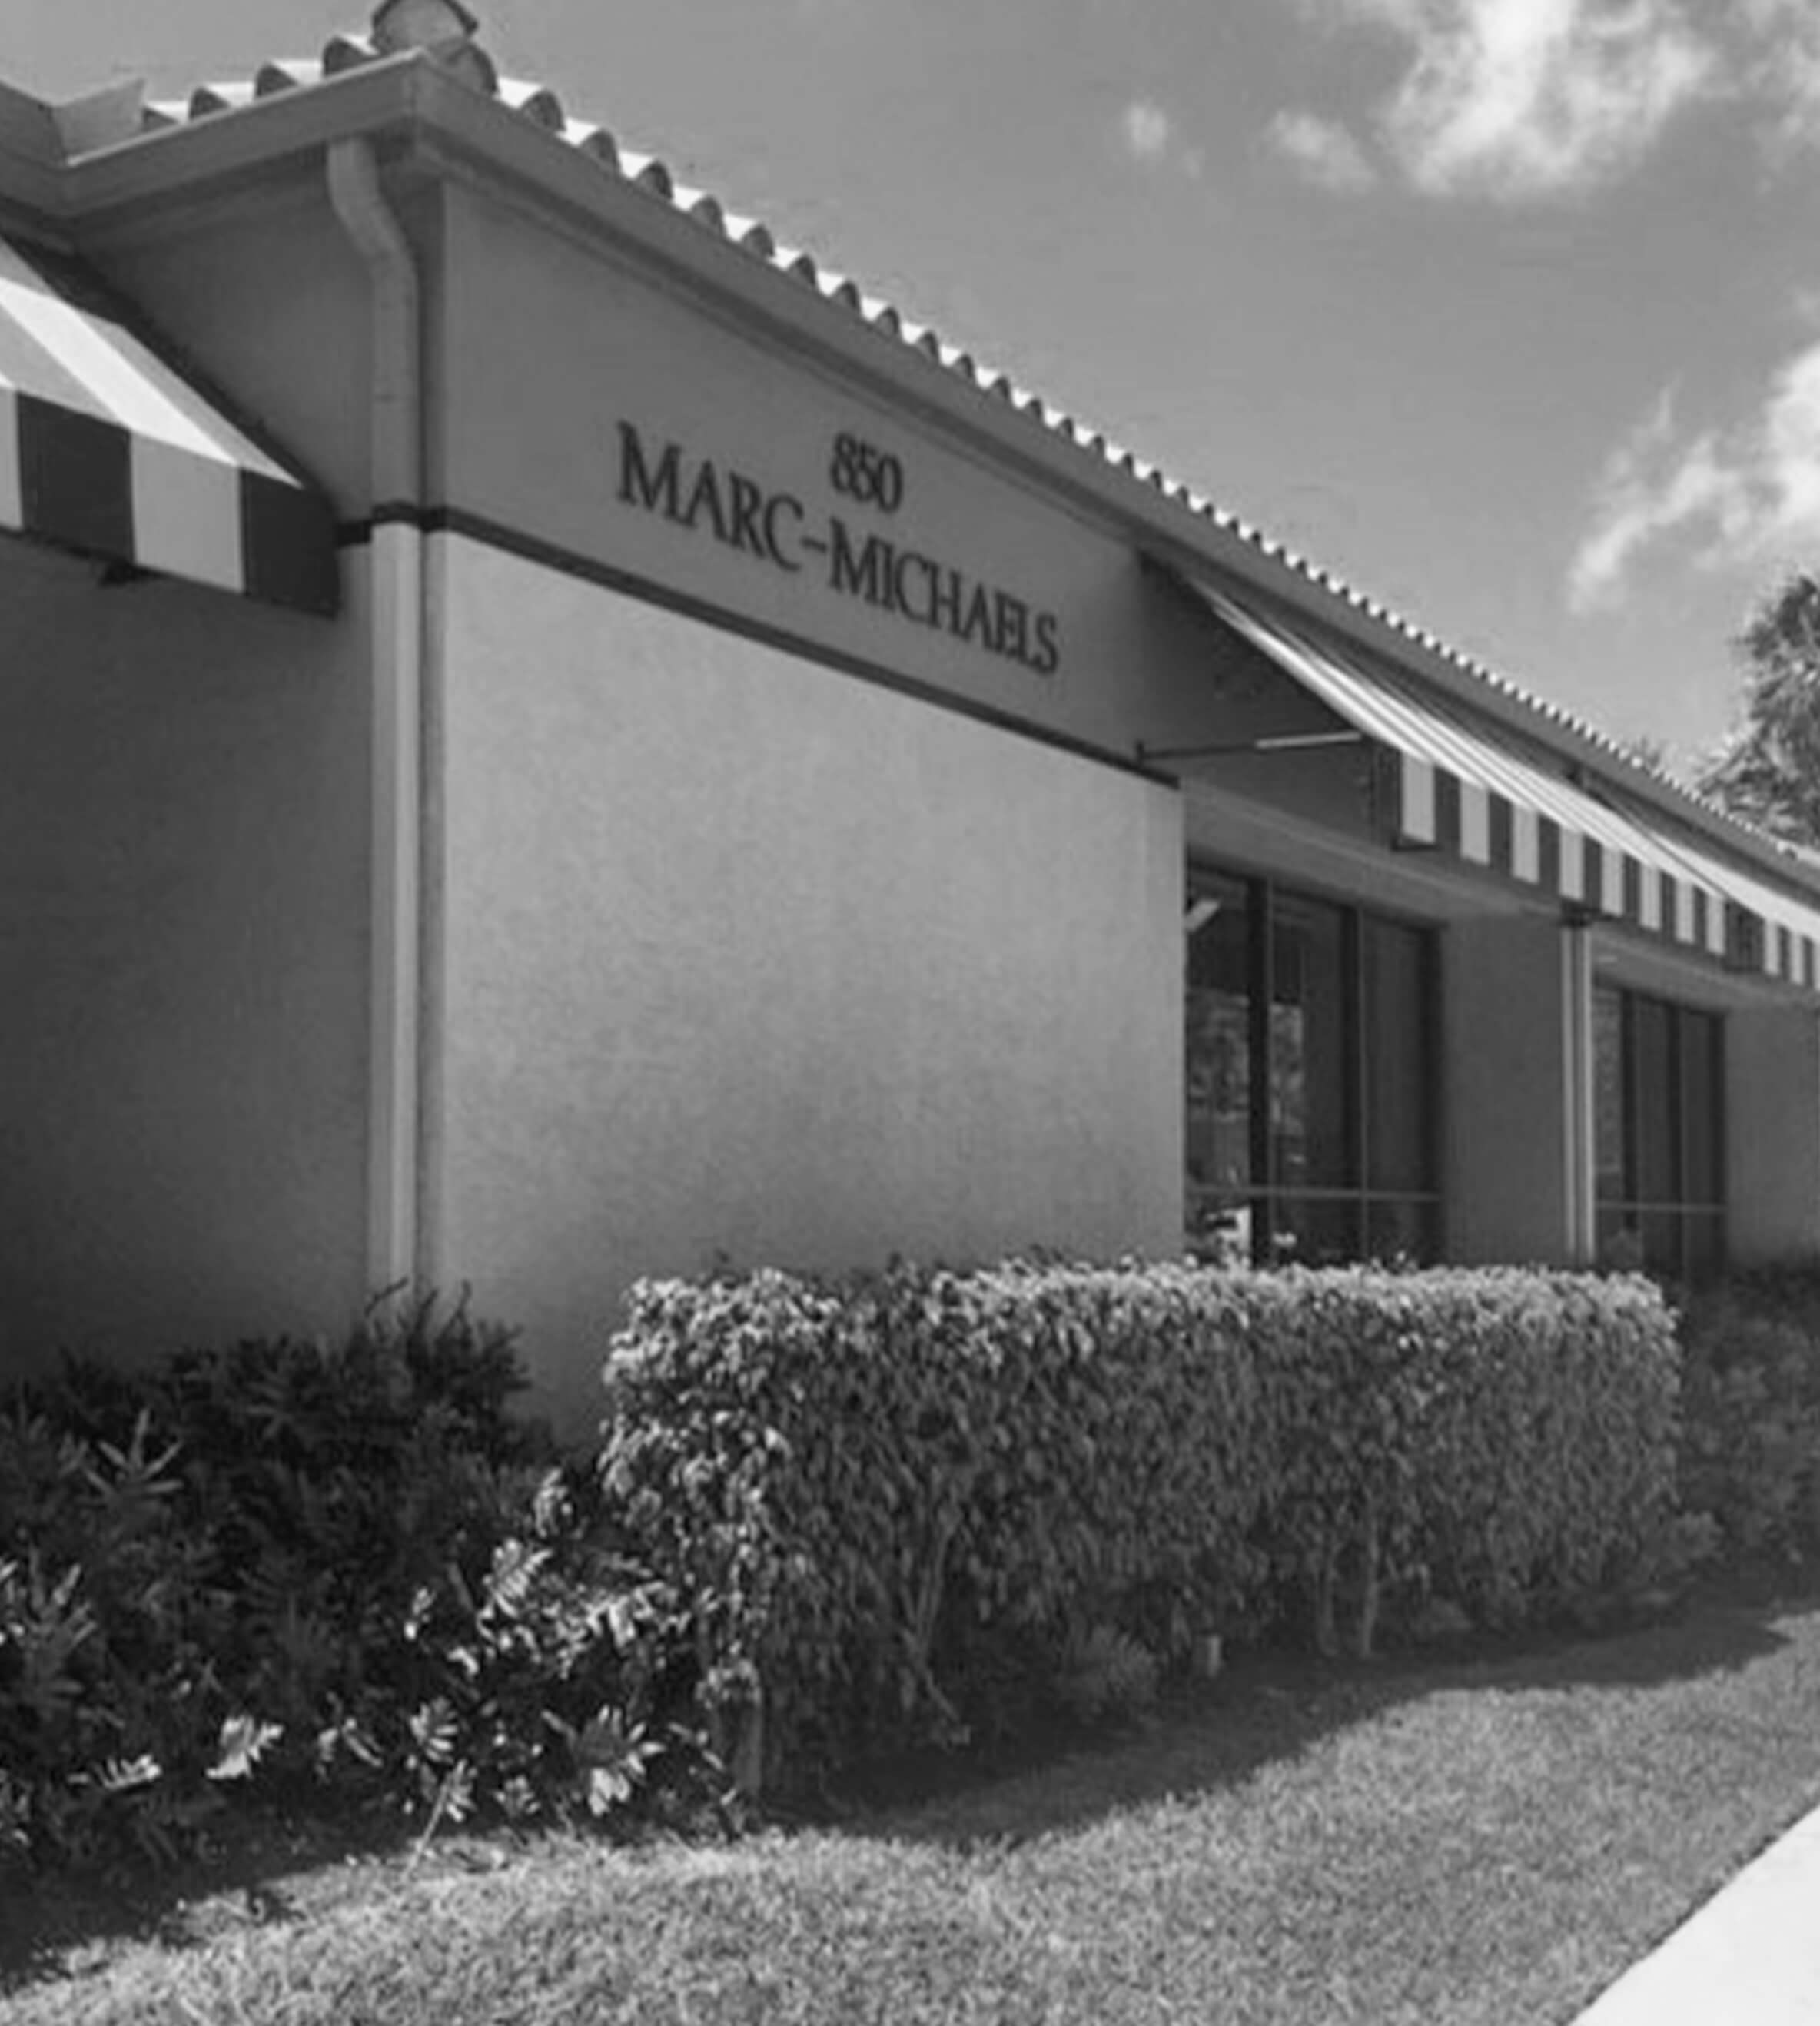 Boca Raton Florida Office Locations MarcMichaels Interior Design